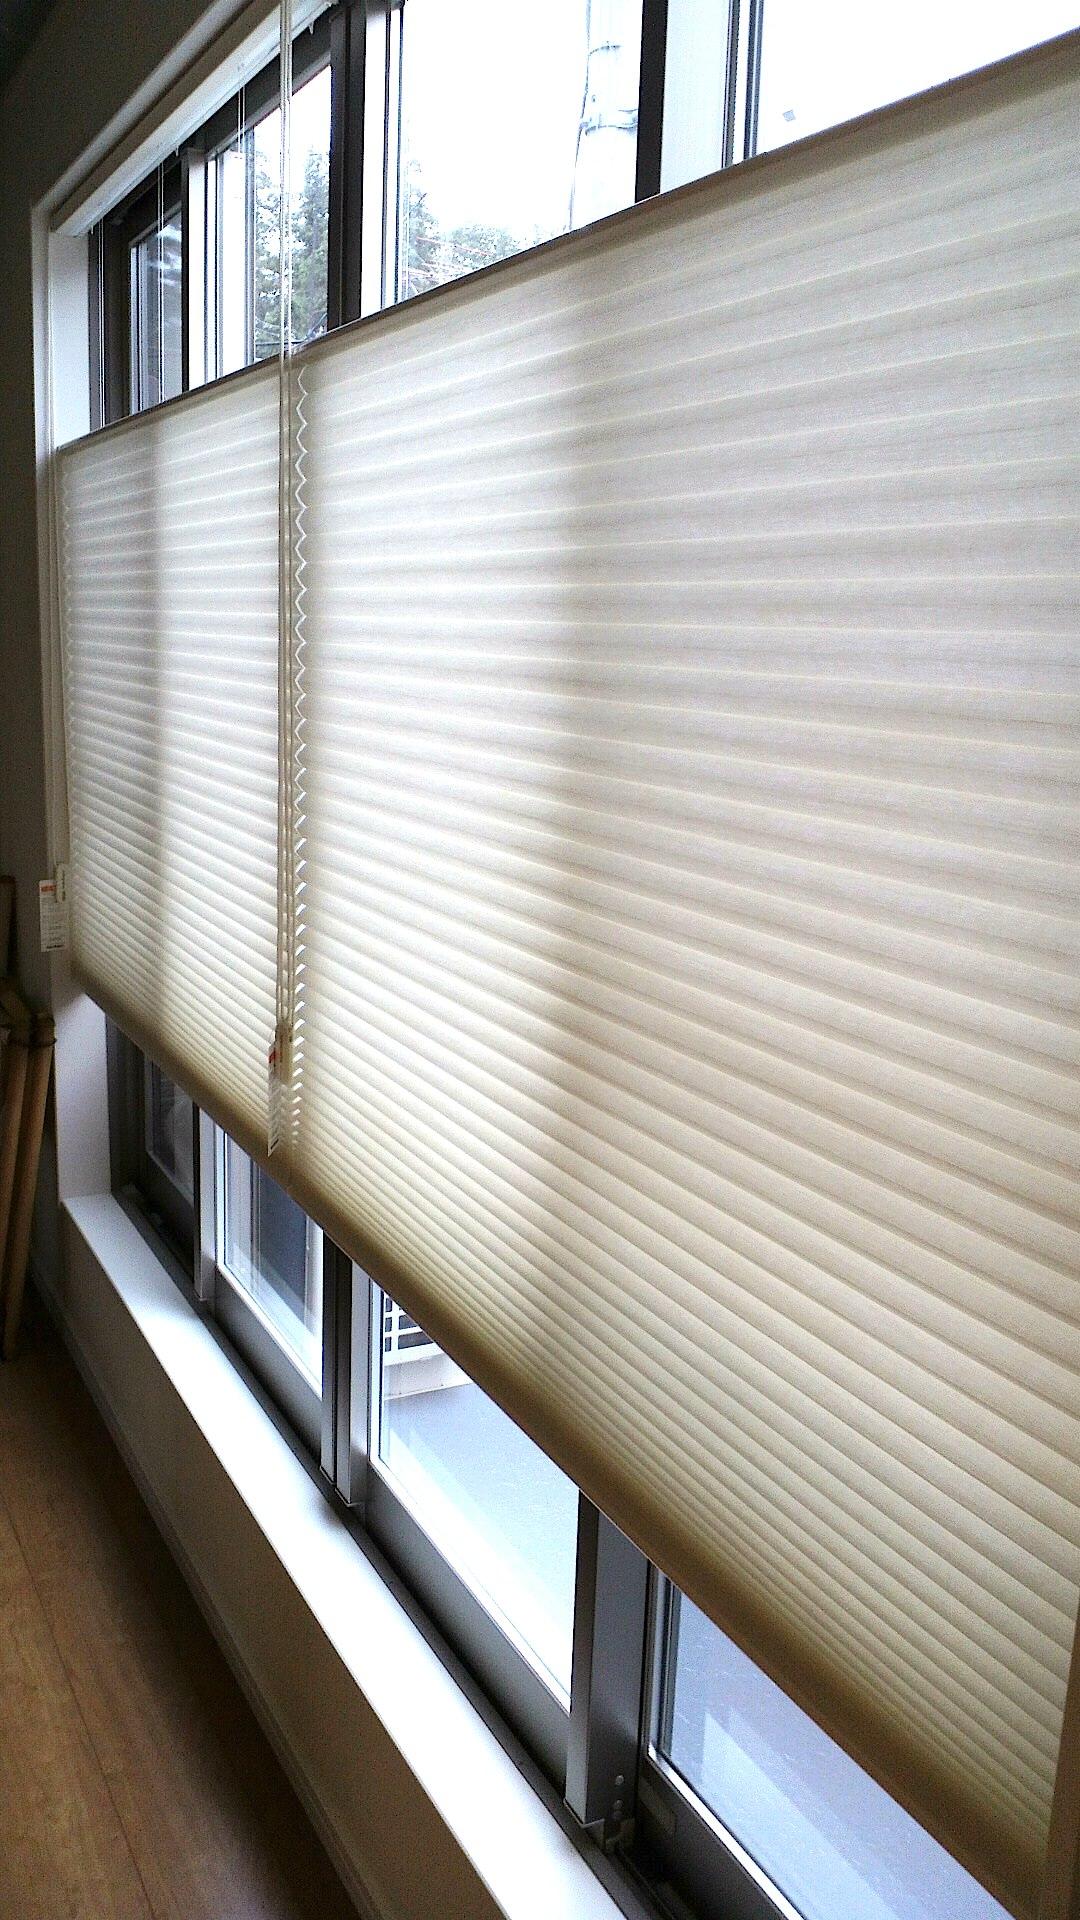 窓辺の断熱対策に効果絶大「デュエット・アーキテラ」_c0157866_2352969.jpg